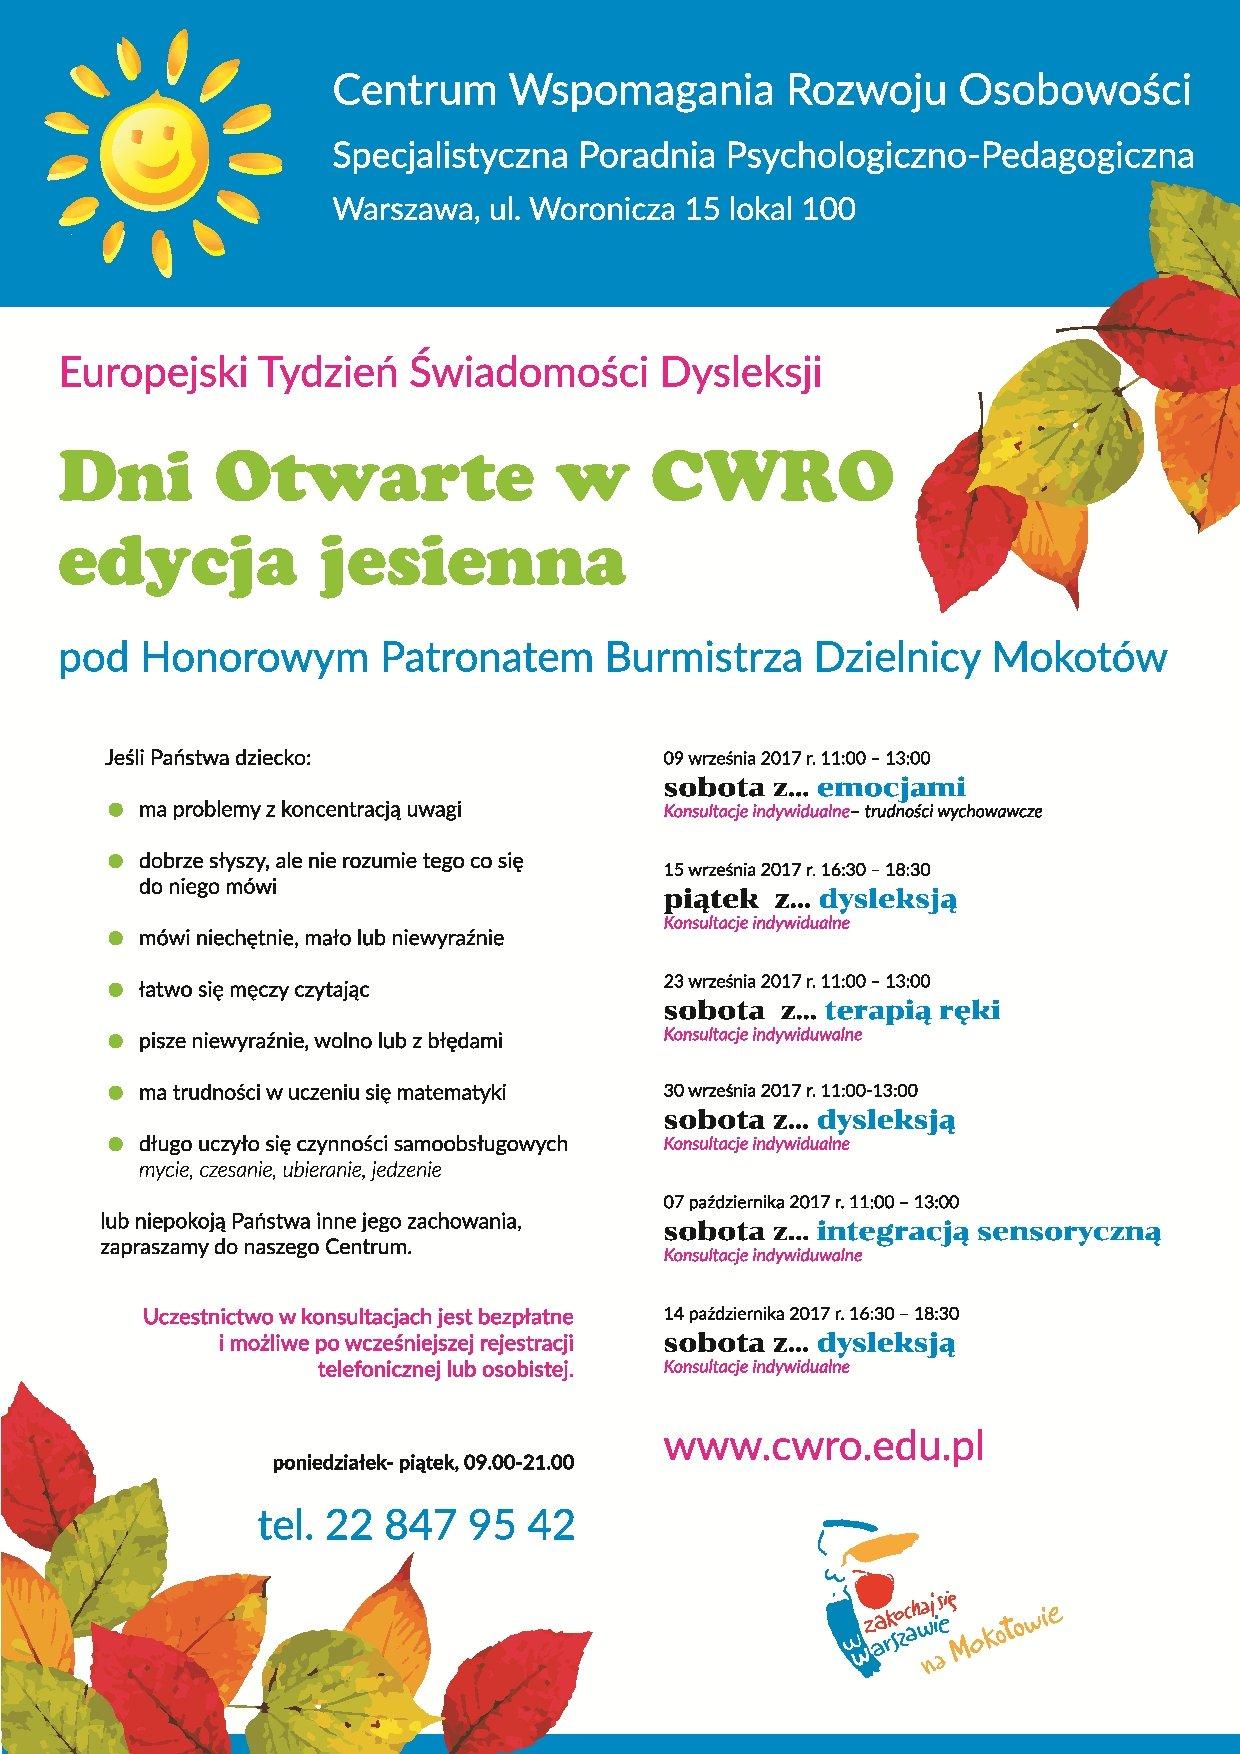 Jesienna edycja dni otwartych Centrum Wspomagania Rozwoju Osobowości